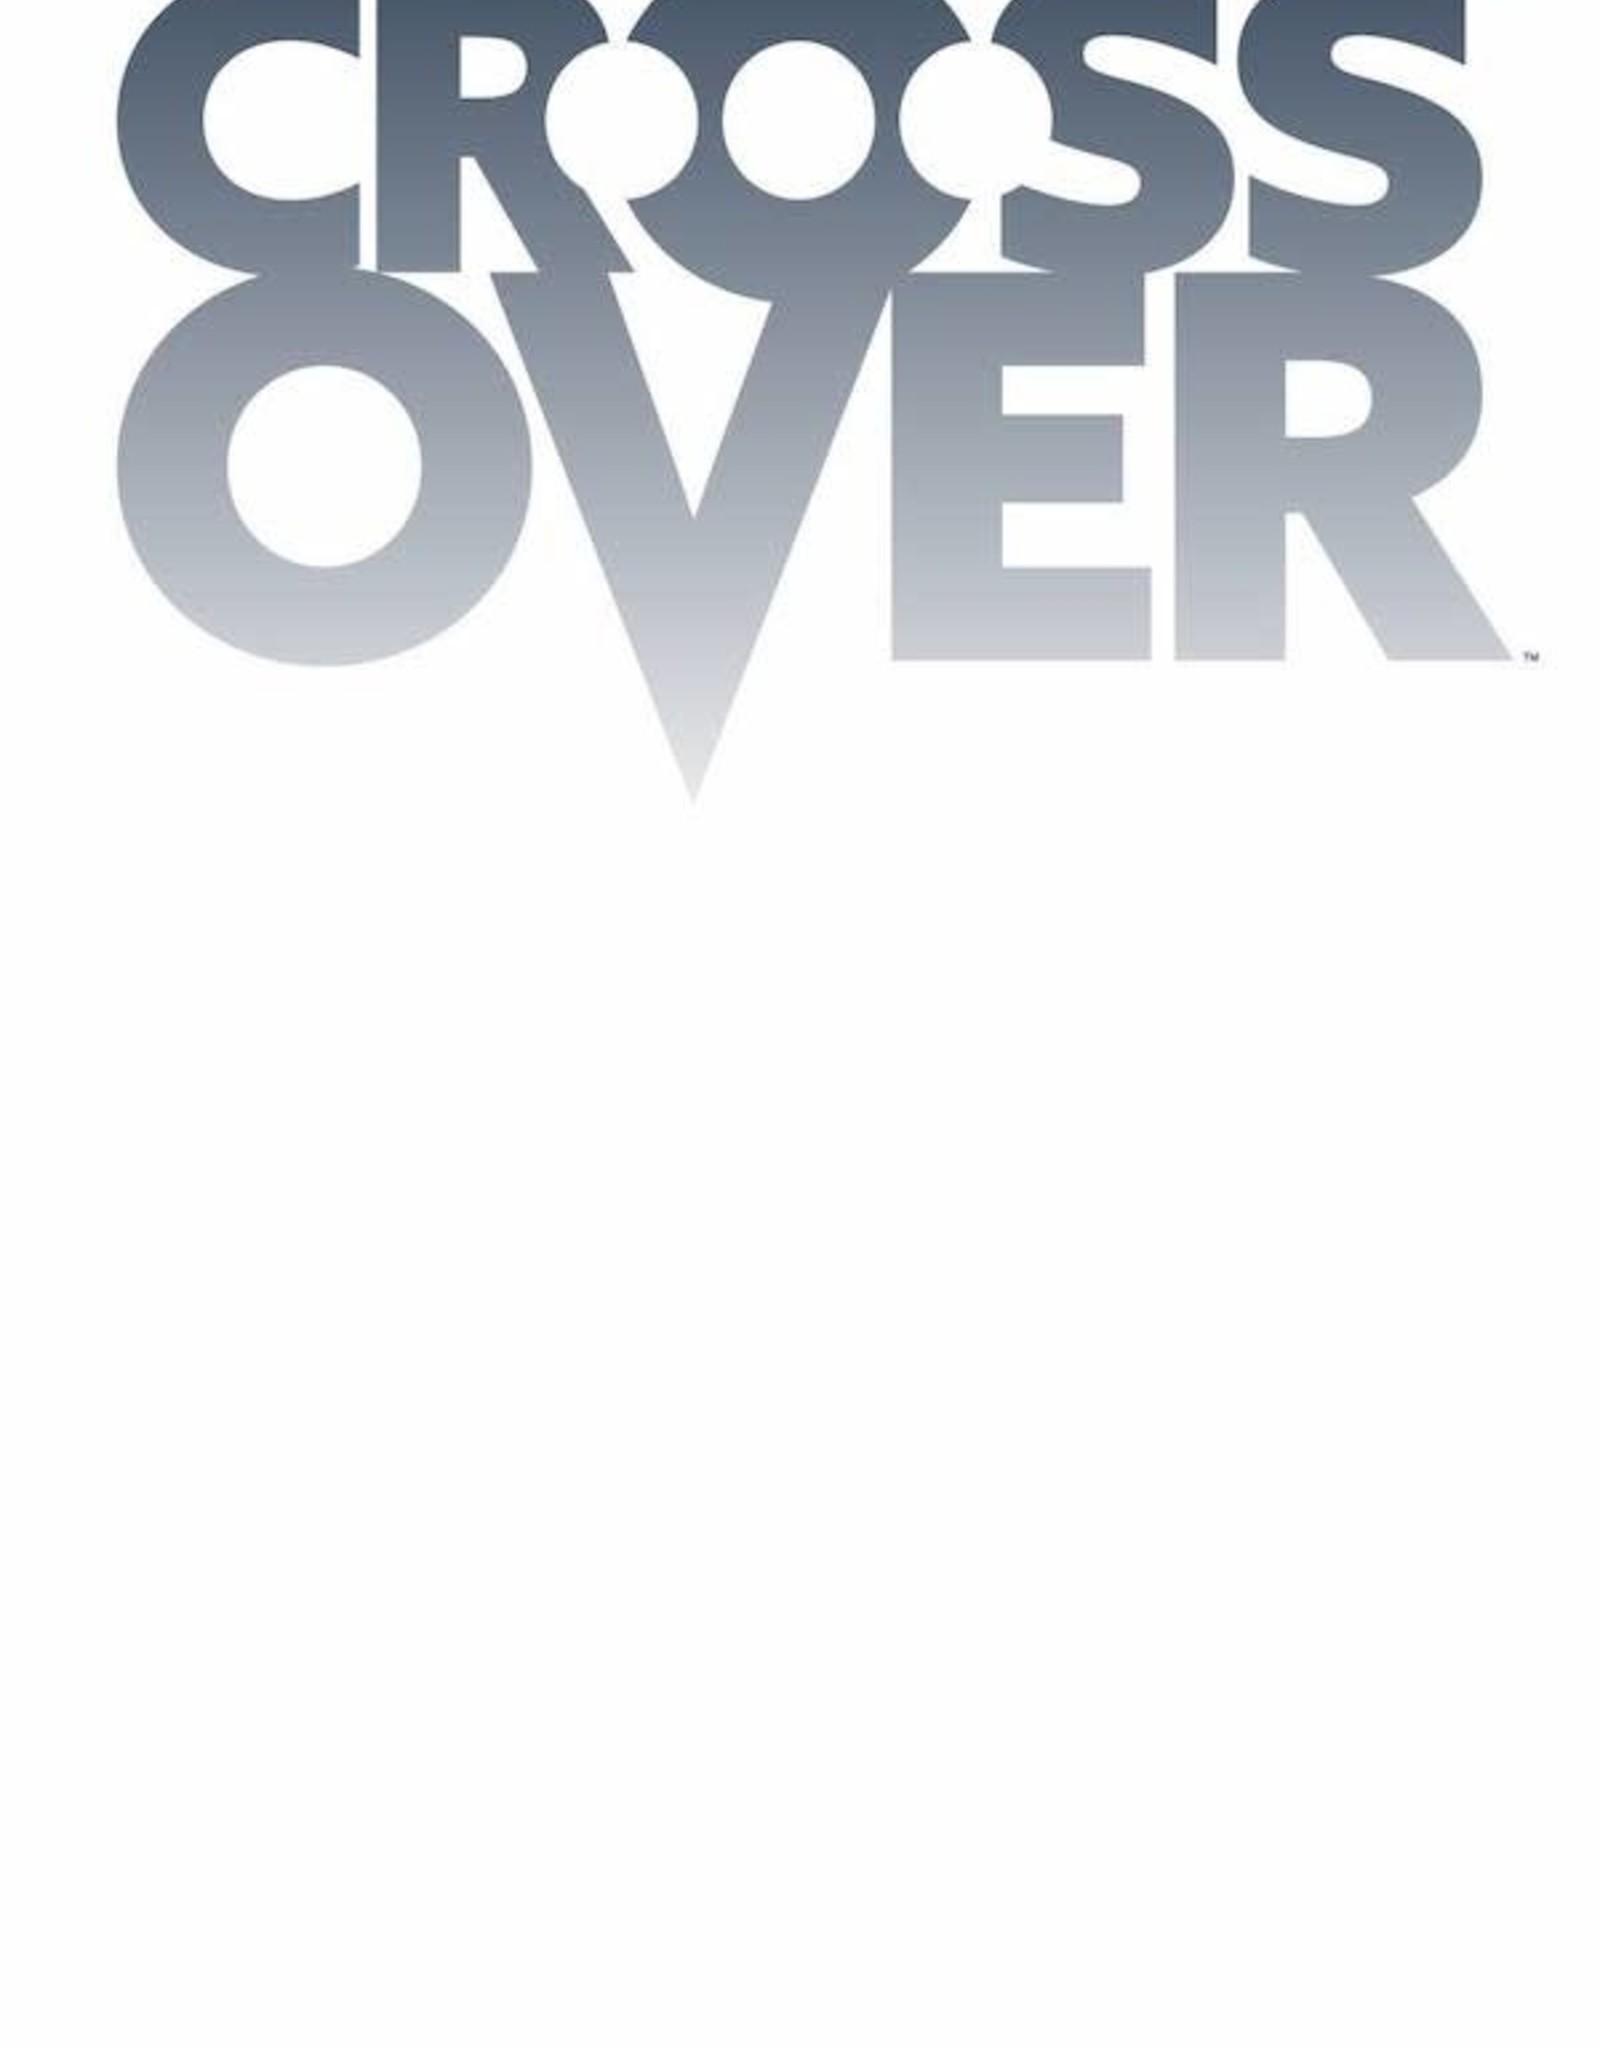 Image Comics Crossover #2 Cvr B Blank Cvr